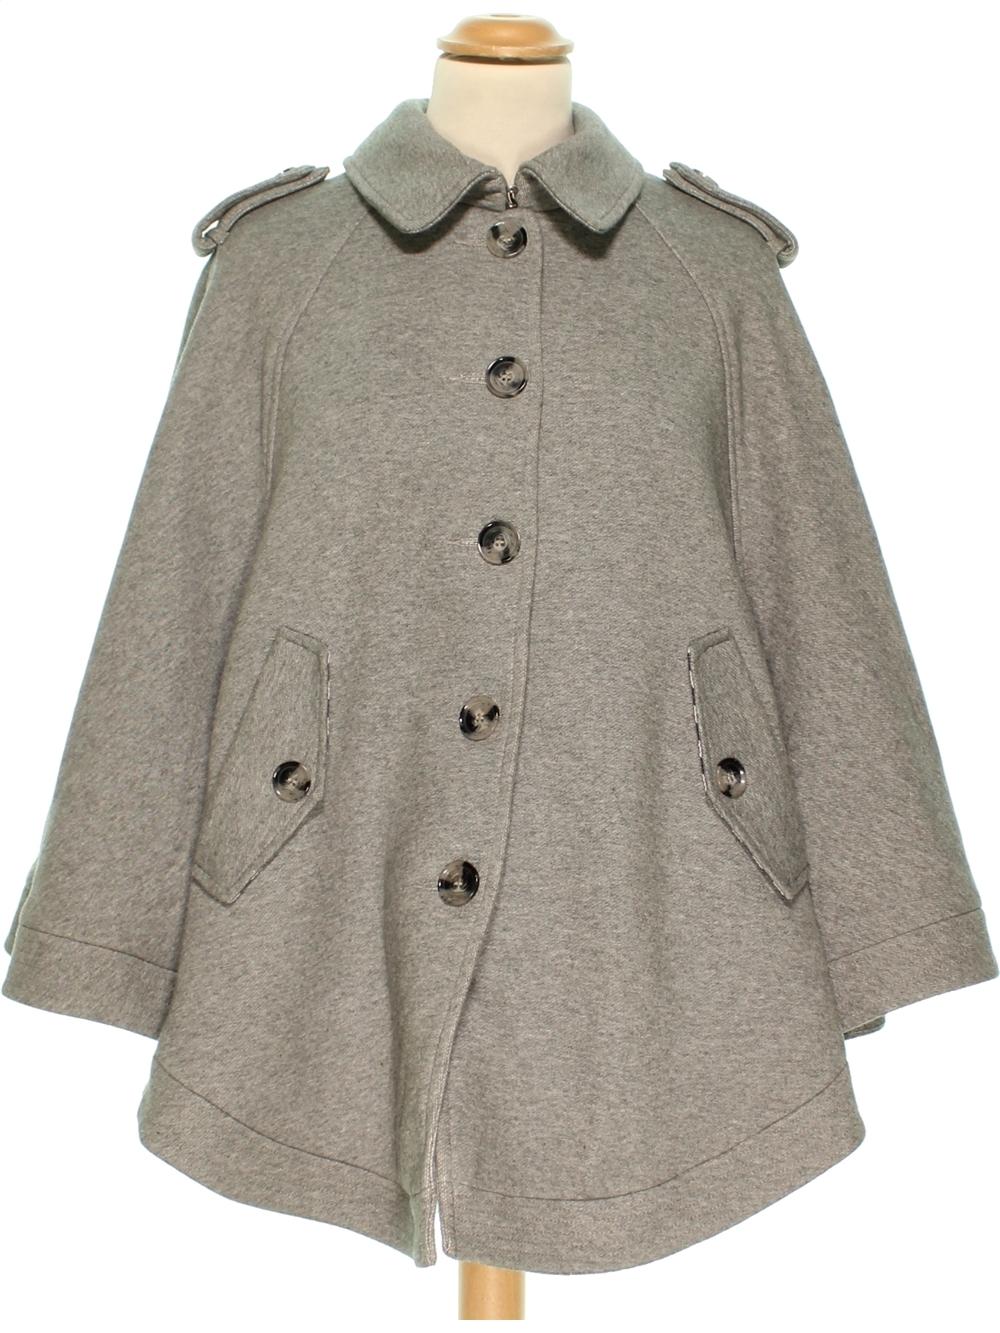 meilleure sélection f8c5d dddec Manteau Femme H&M M pas cher, 17.99 € - #1190808